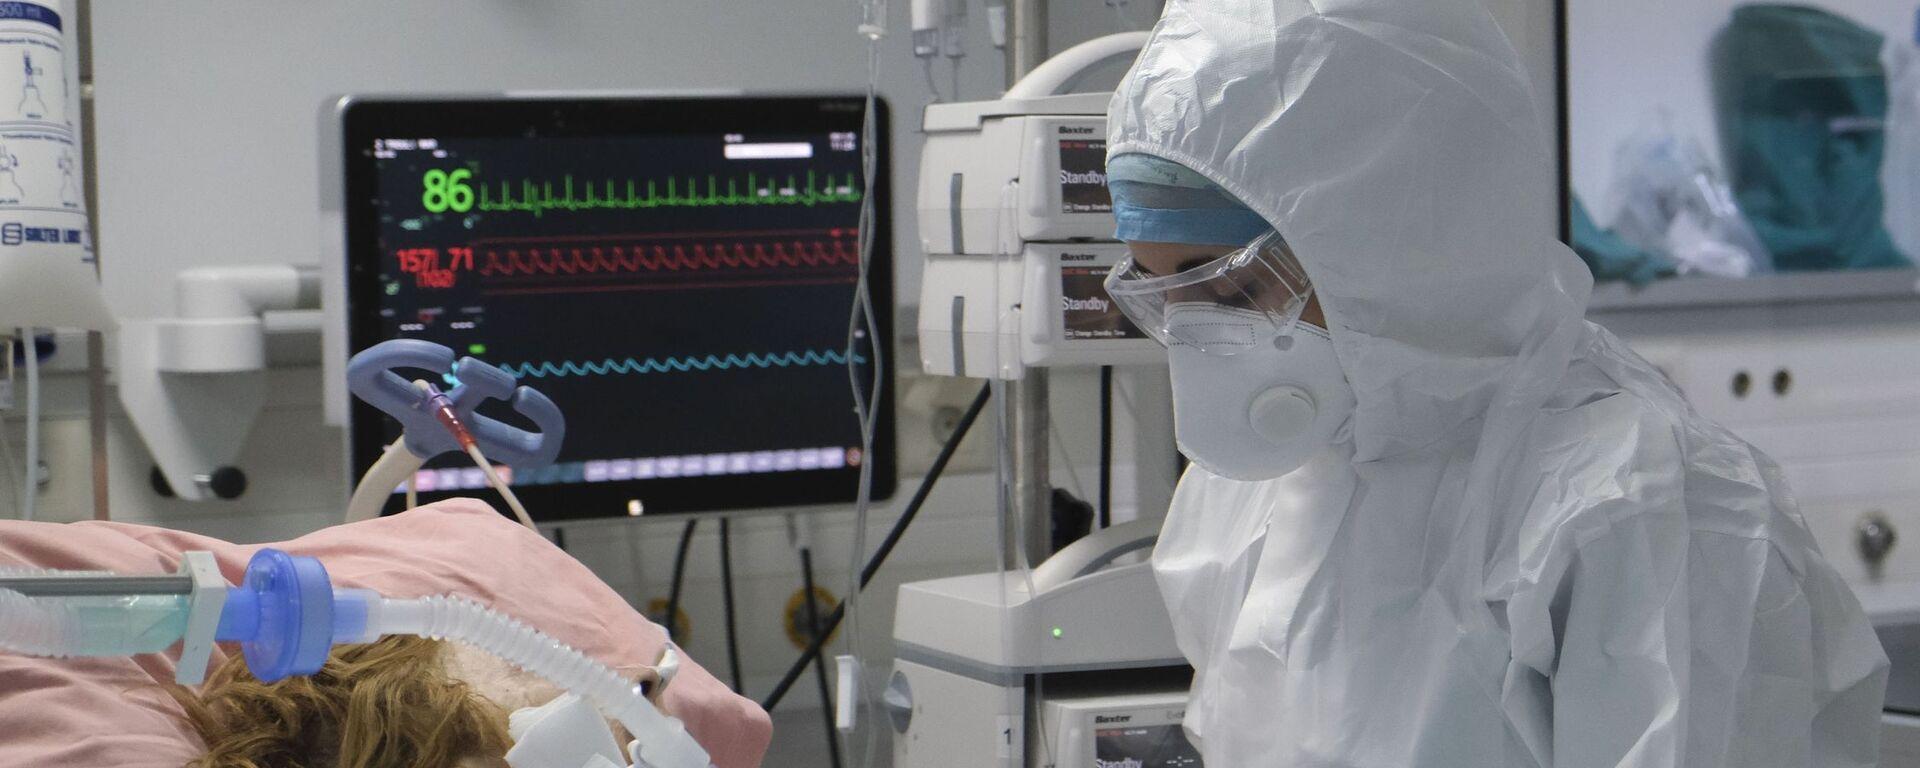 Το ιατρικό προσωπικό εργάζεται σε θάλαμο εντατικής θεραπείας για ασθενείς με COVID-19 σε νοσοκομείο της Αθήνας - Sputnik Ελλάδα, 1920, 22.08.2021